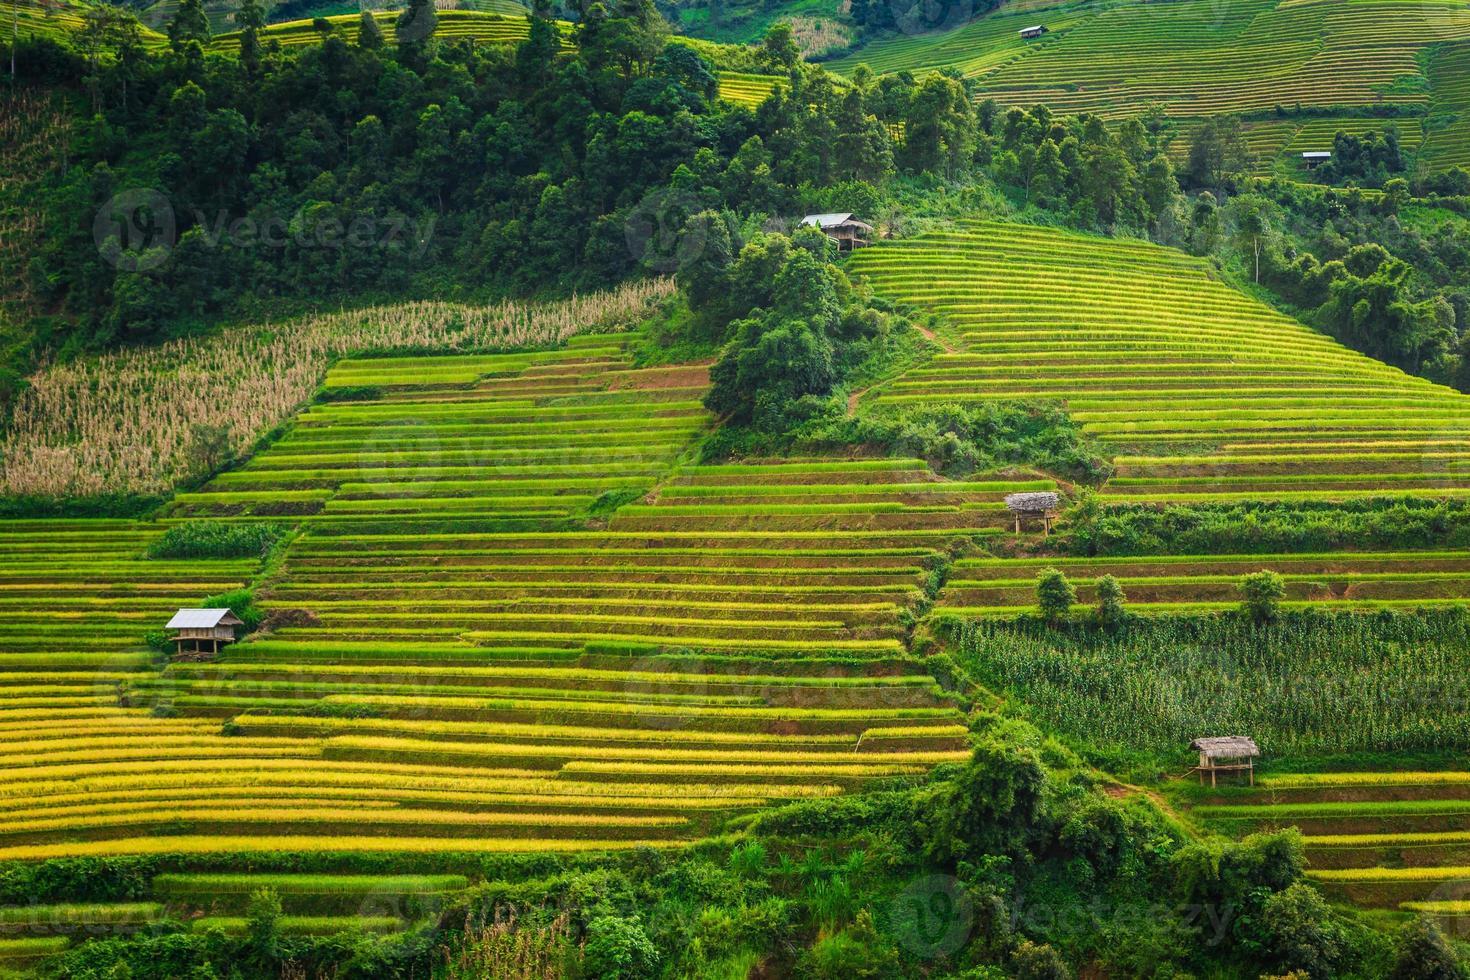 rijstterrassen vallei vietnam foto